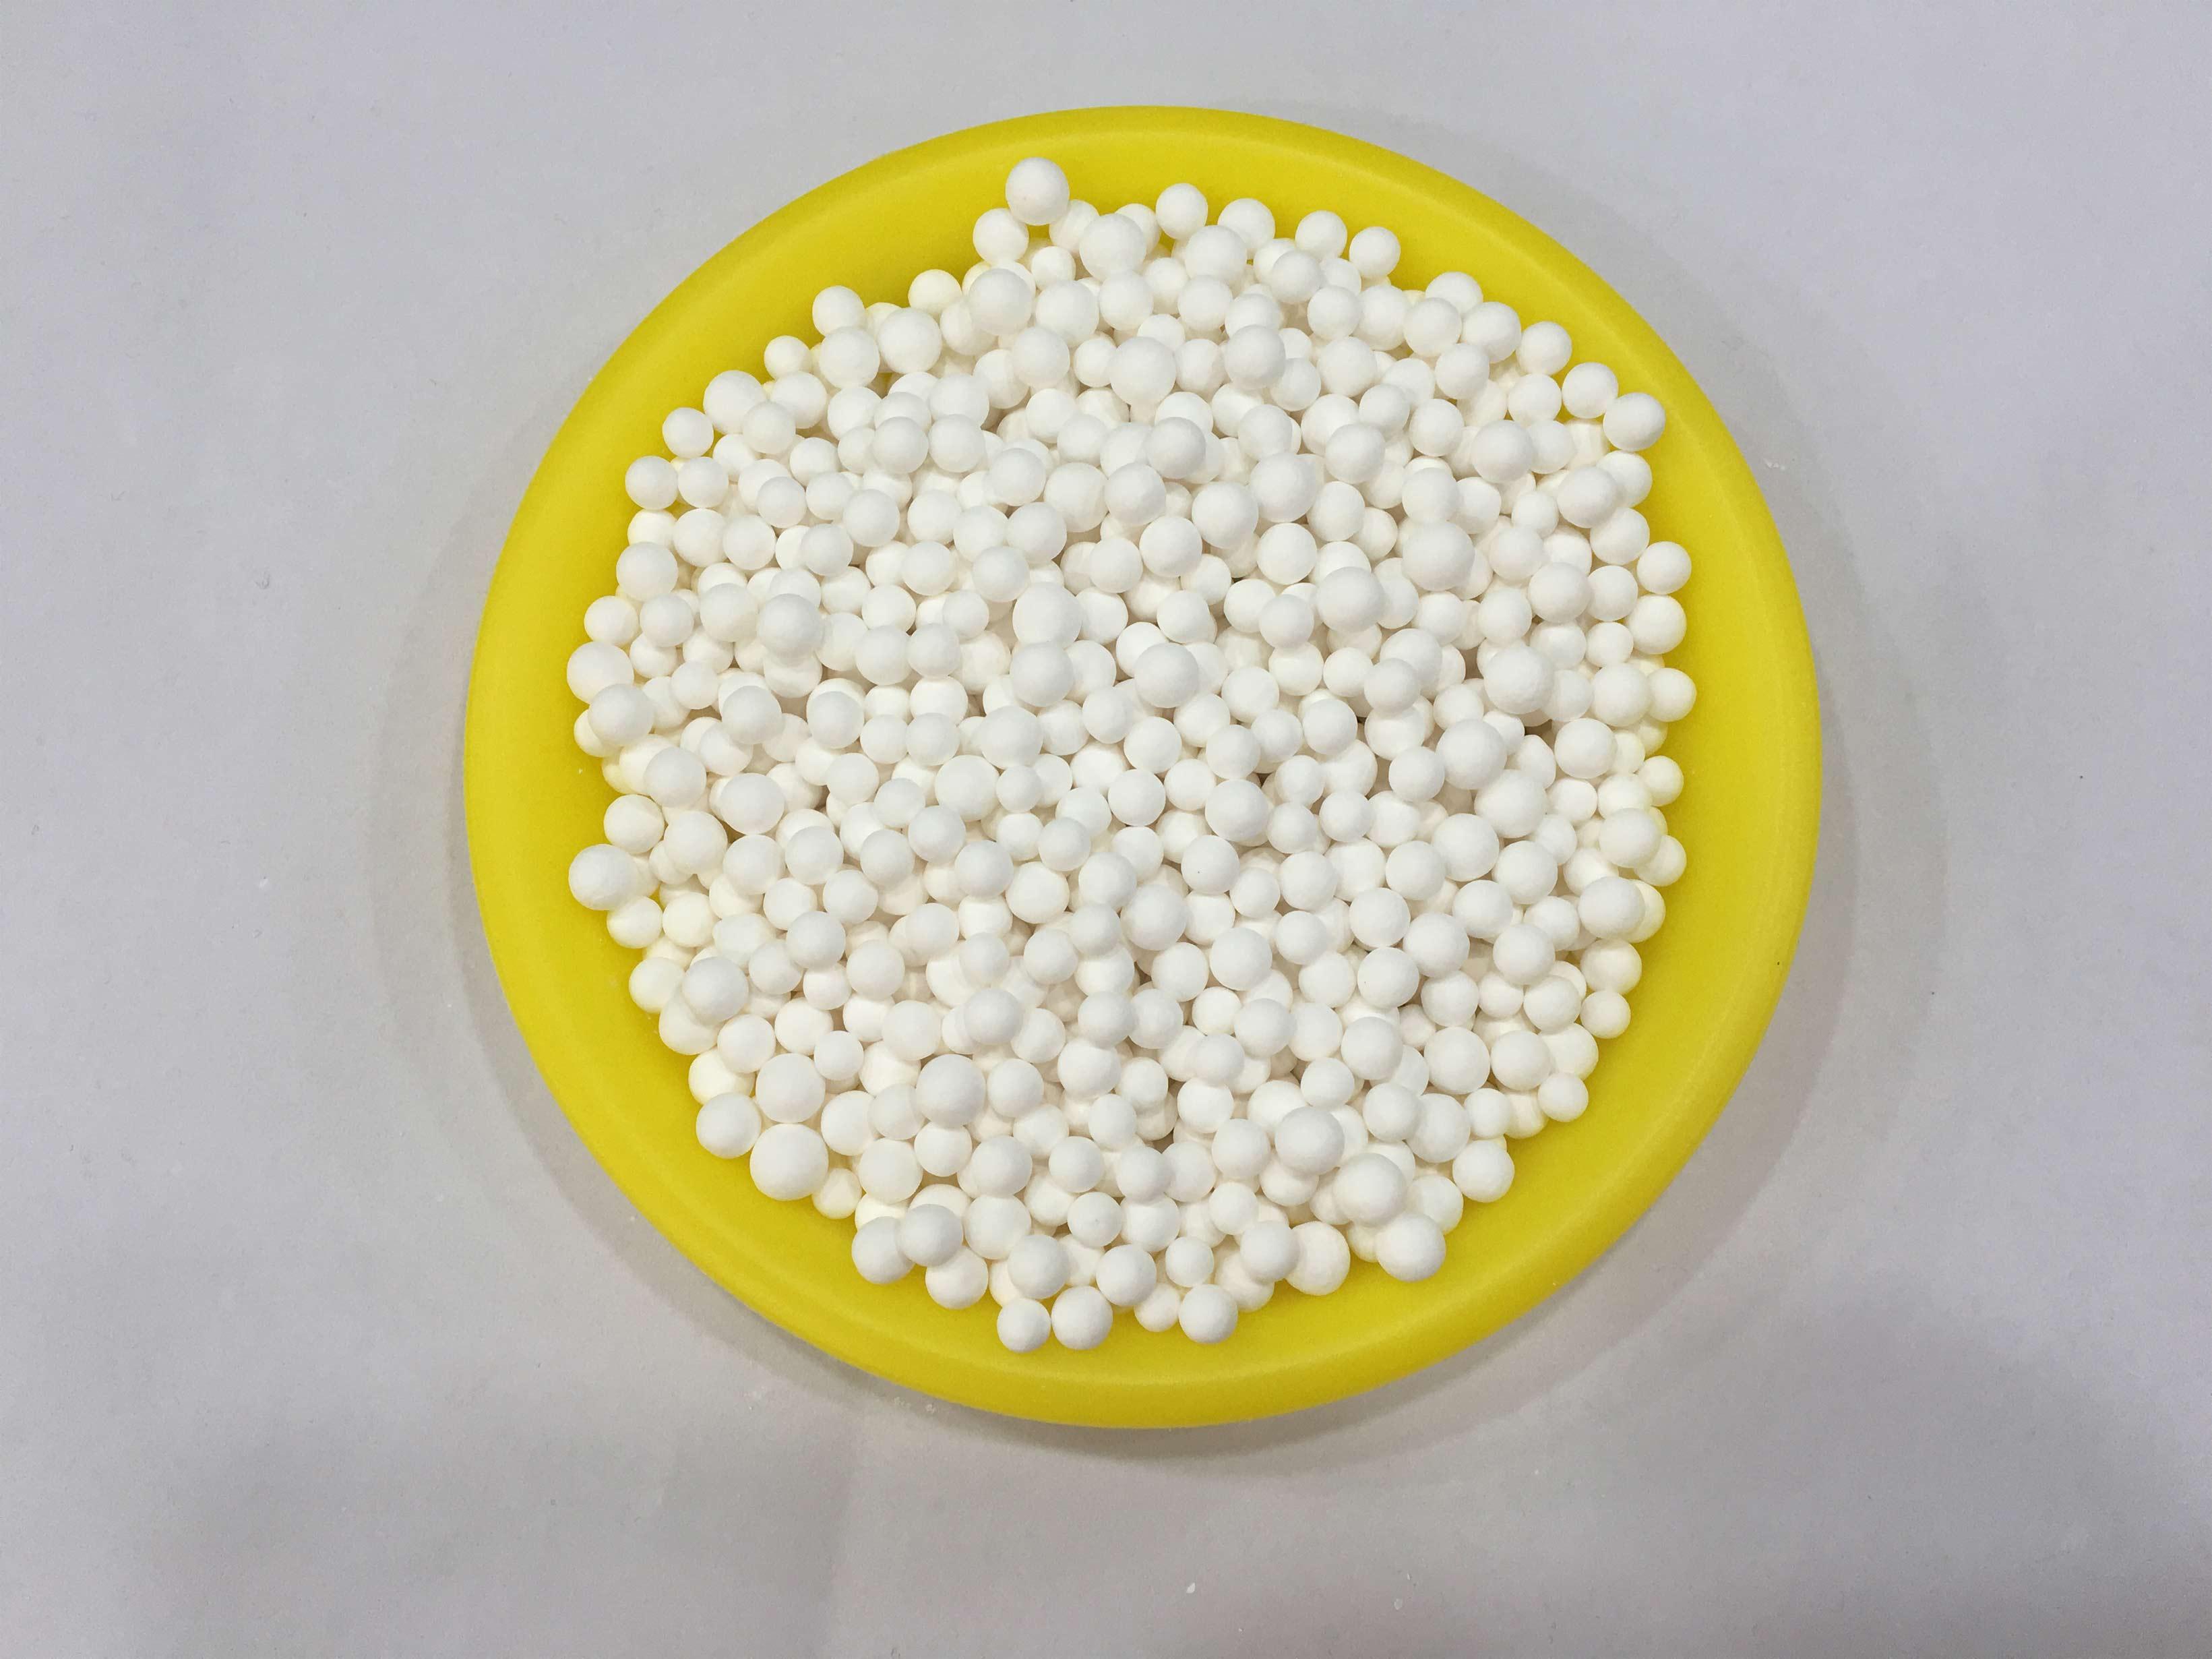 天津活性氧化铝如何生产,活性氧化铝,河南活性氧化铝的用途,天津活性氧化铝球介绍,山东活性氧化铝球价格,上海活性氧化铝载体